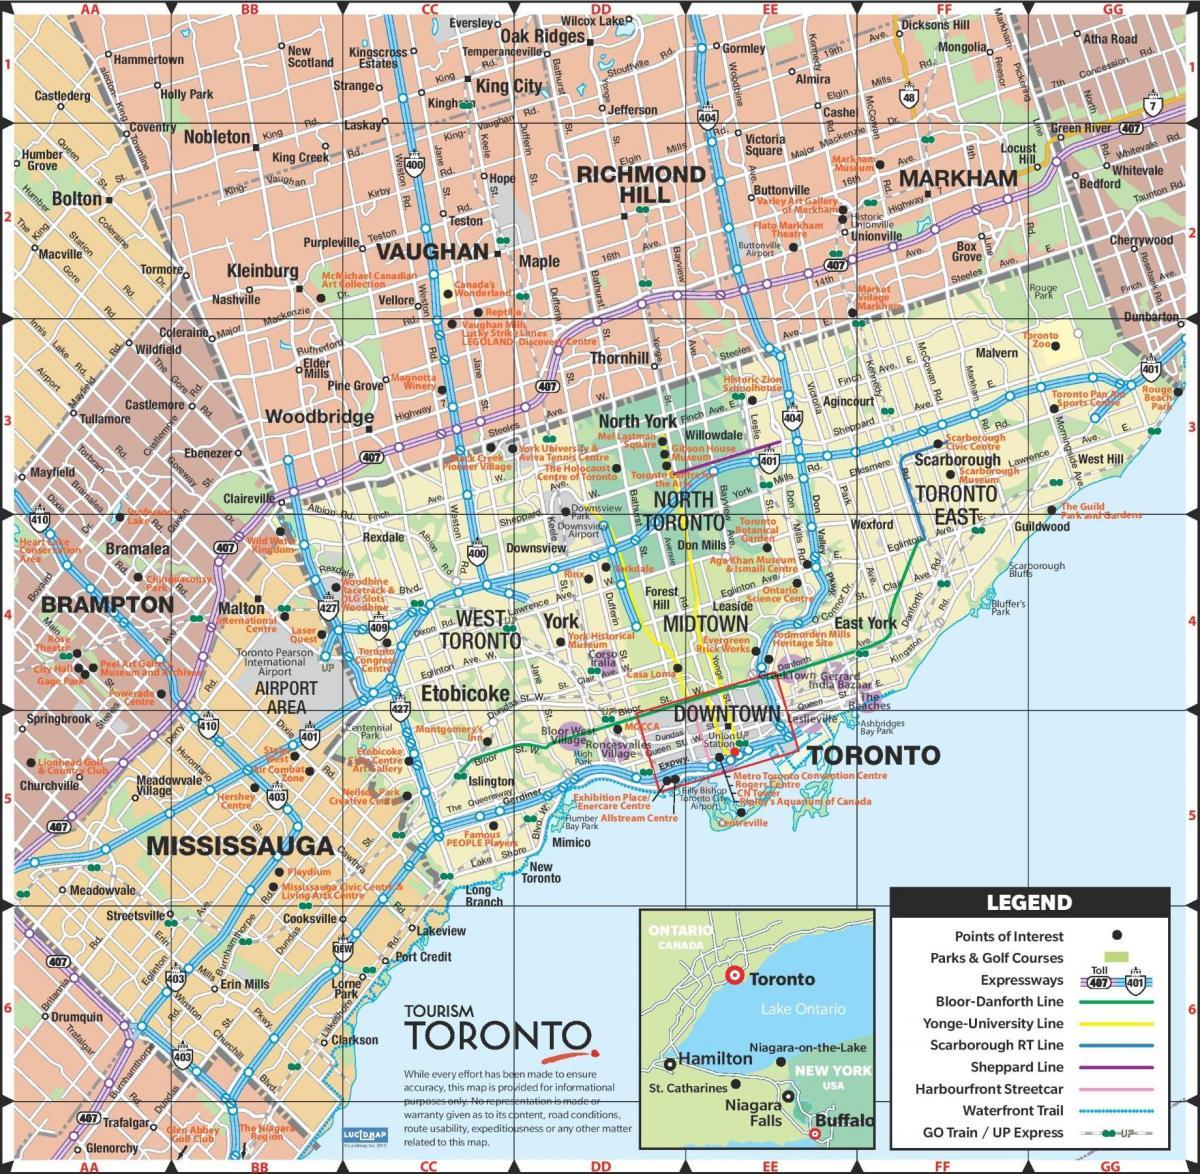 trafikk kart Toronto trafikk kart   Trafikk kart Toronto (Canada) trafikk kart